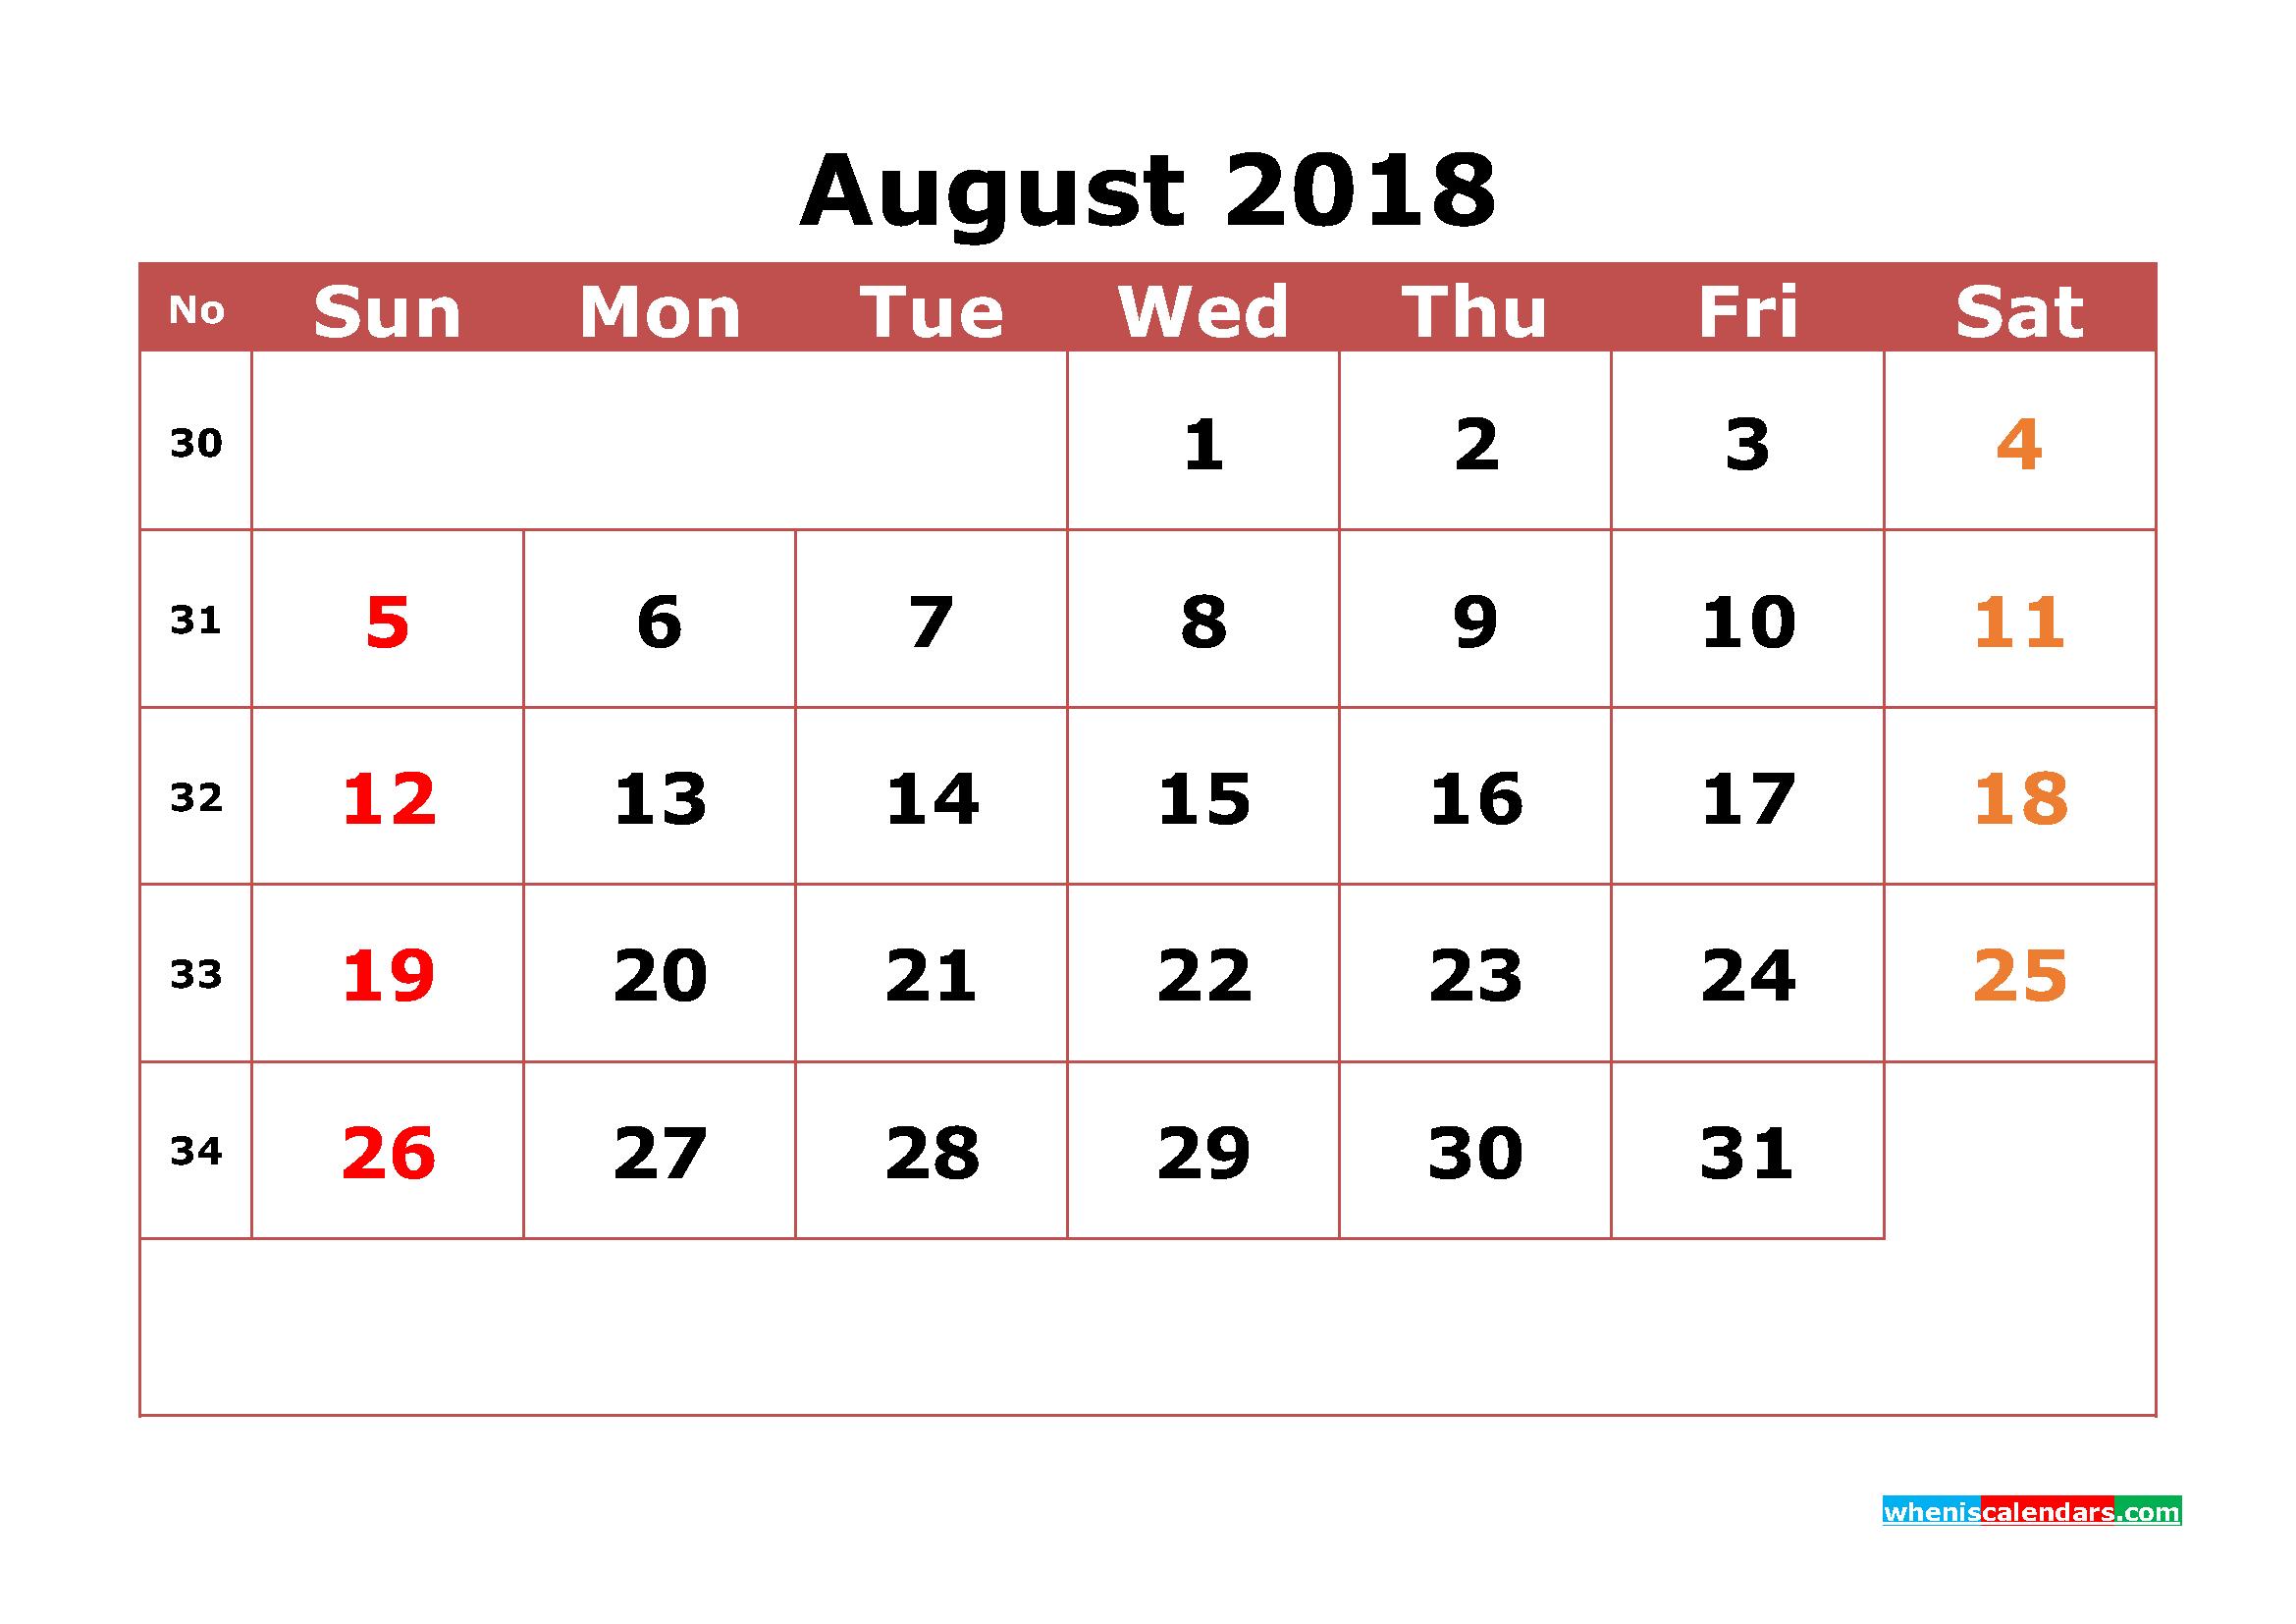 August 2018 Calendar Template Word